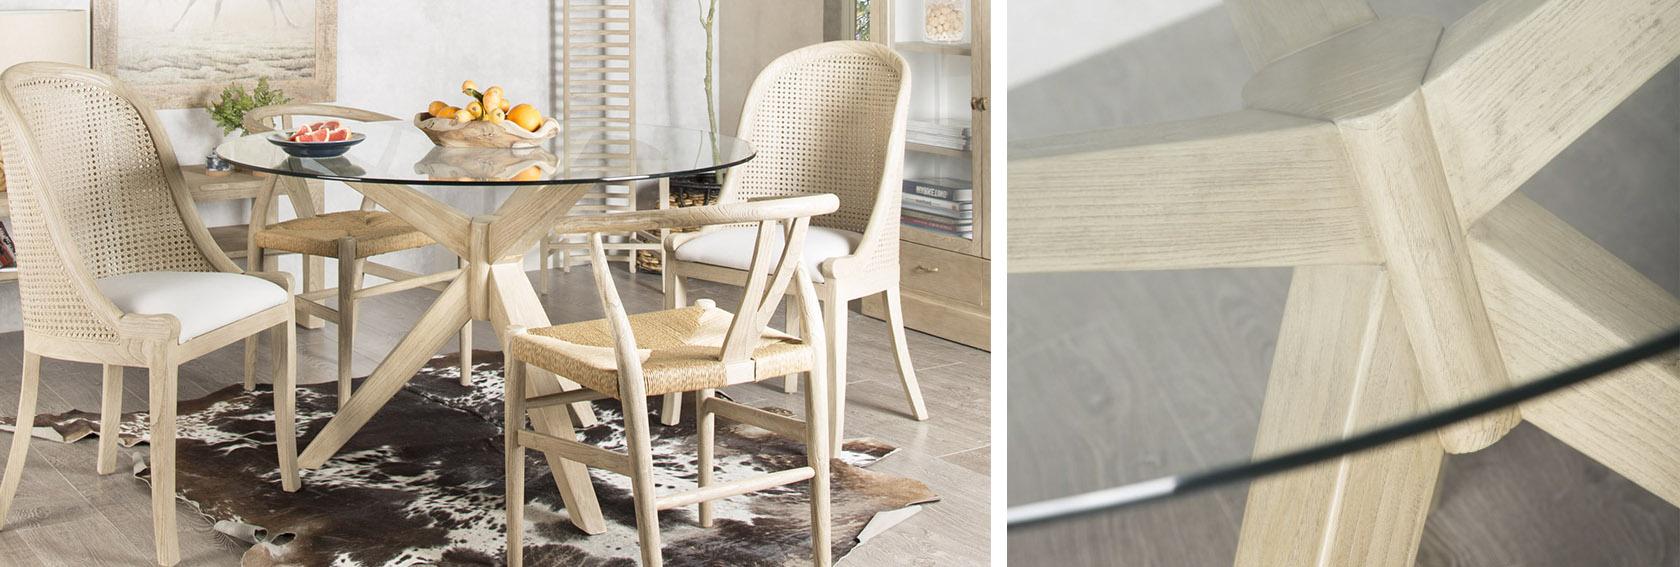 Belssia Muebles Wddj Belssia Decoracià N Y Muebles Online Textil E Iluminacià N